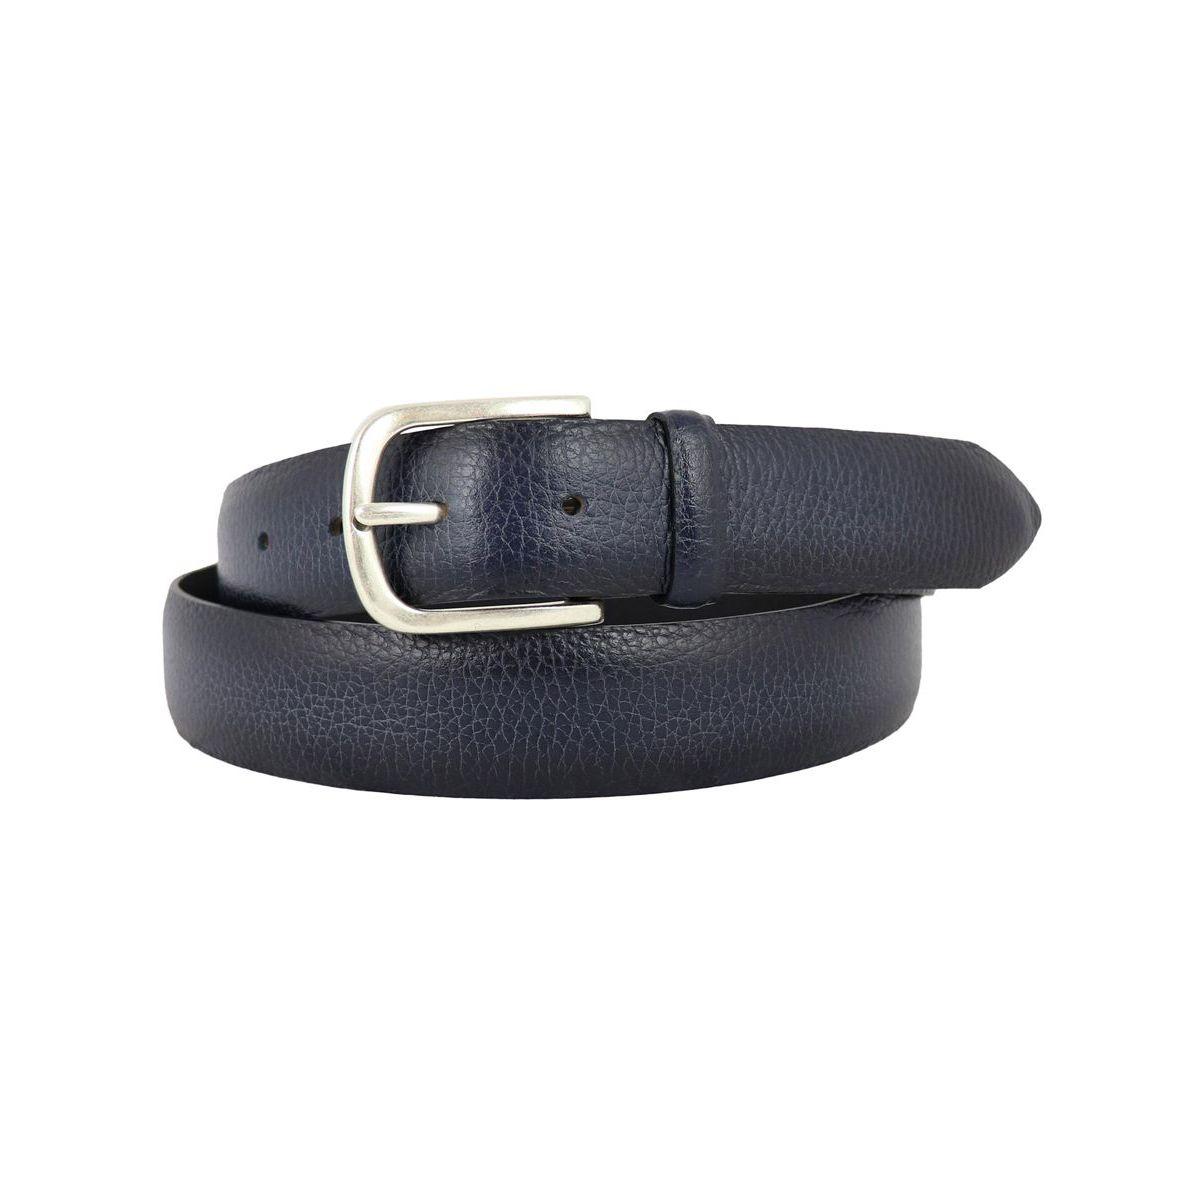 Cintura in pelle martellata effetto sfumato con dettagli acciaio Navy Orciani